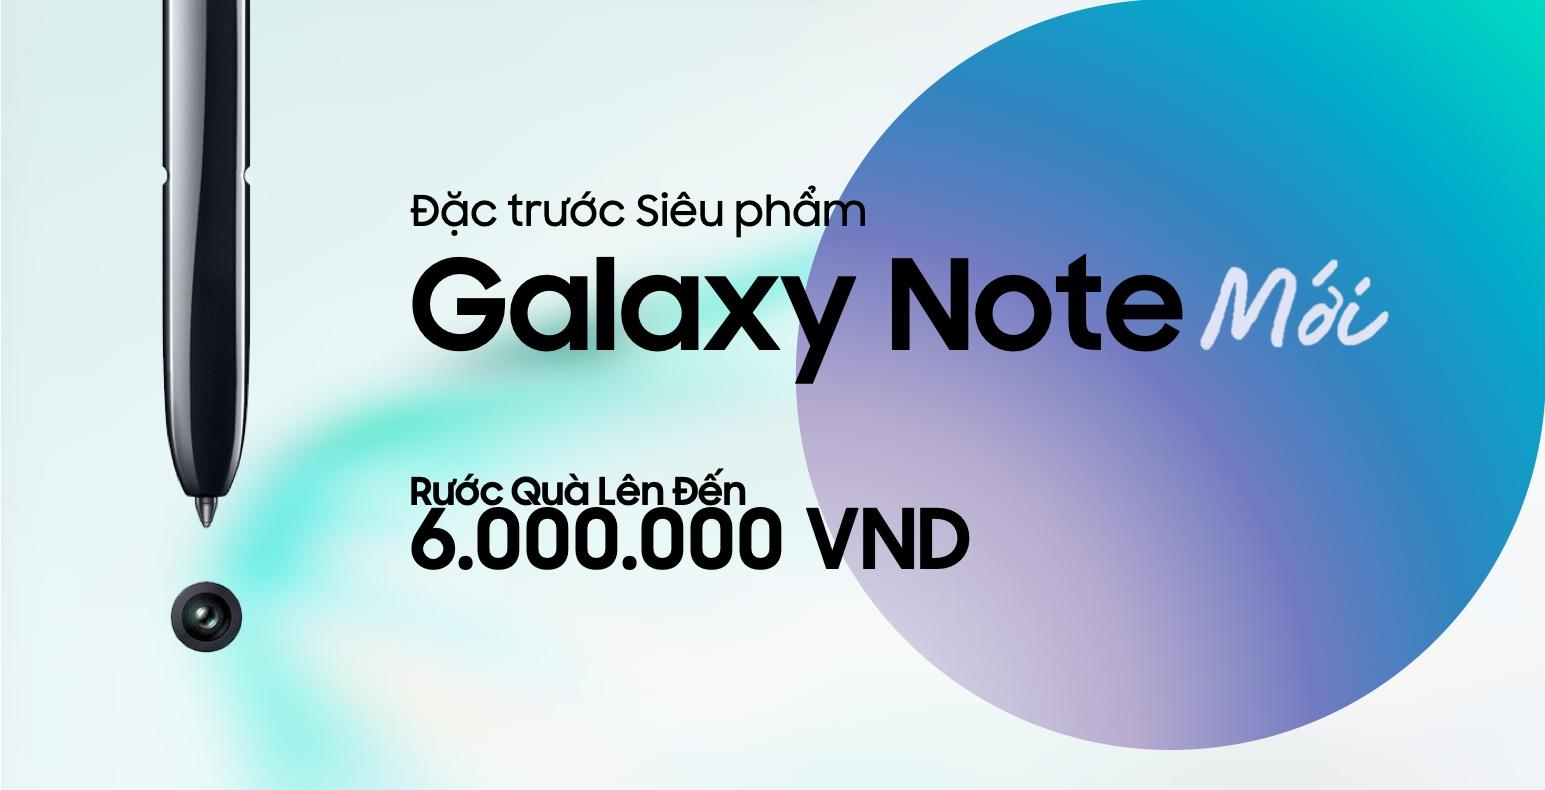 Các nhà bán lẻ tại VN bắt đầu cho Đặt gạch Galaxy Note mới từ hôm nay